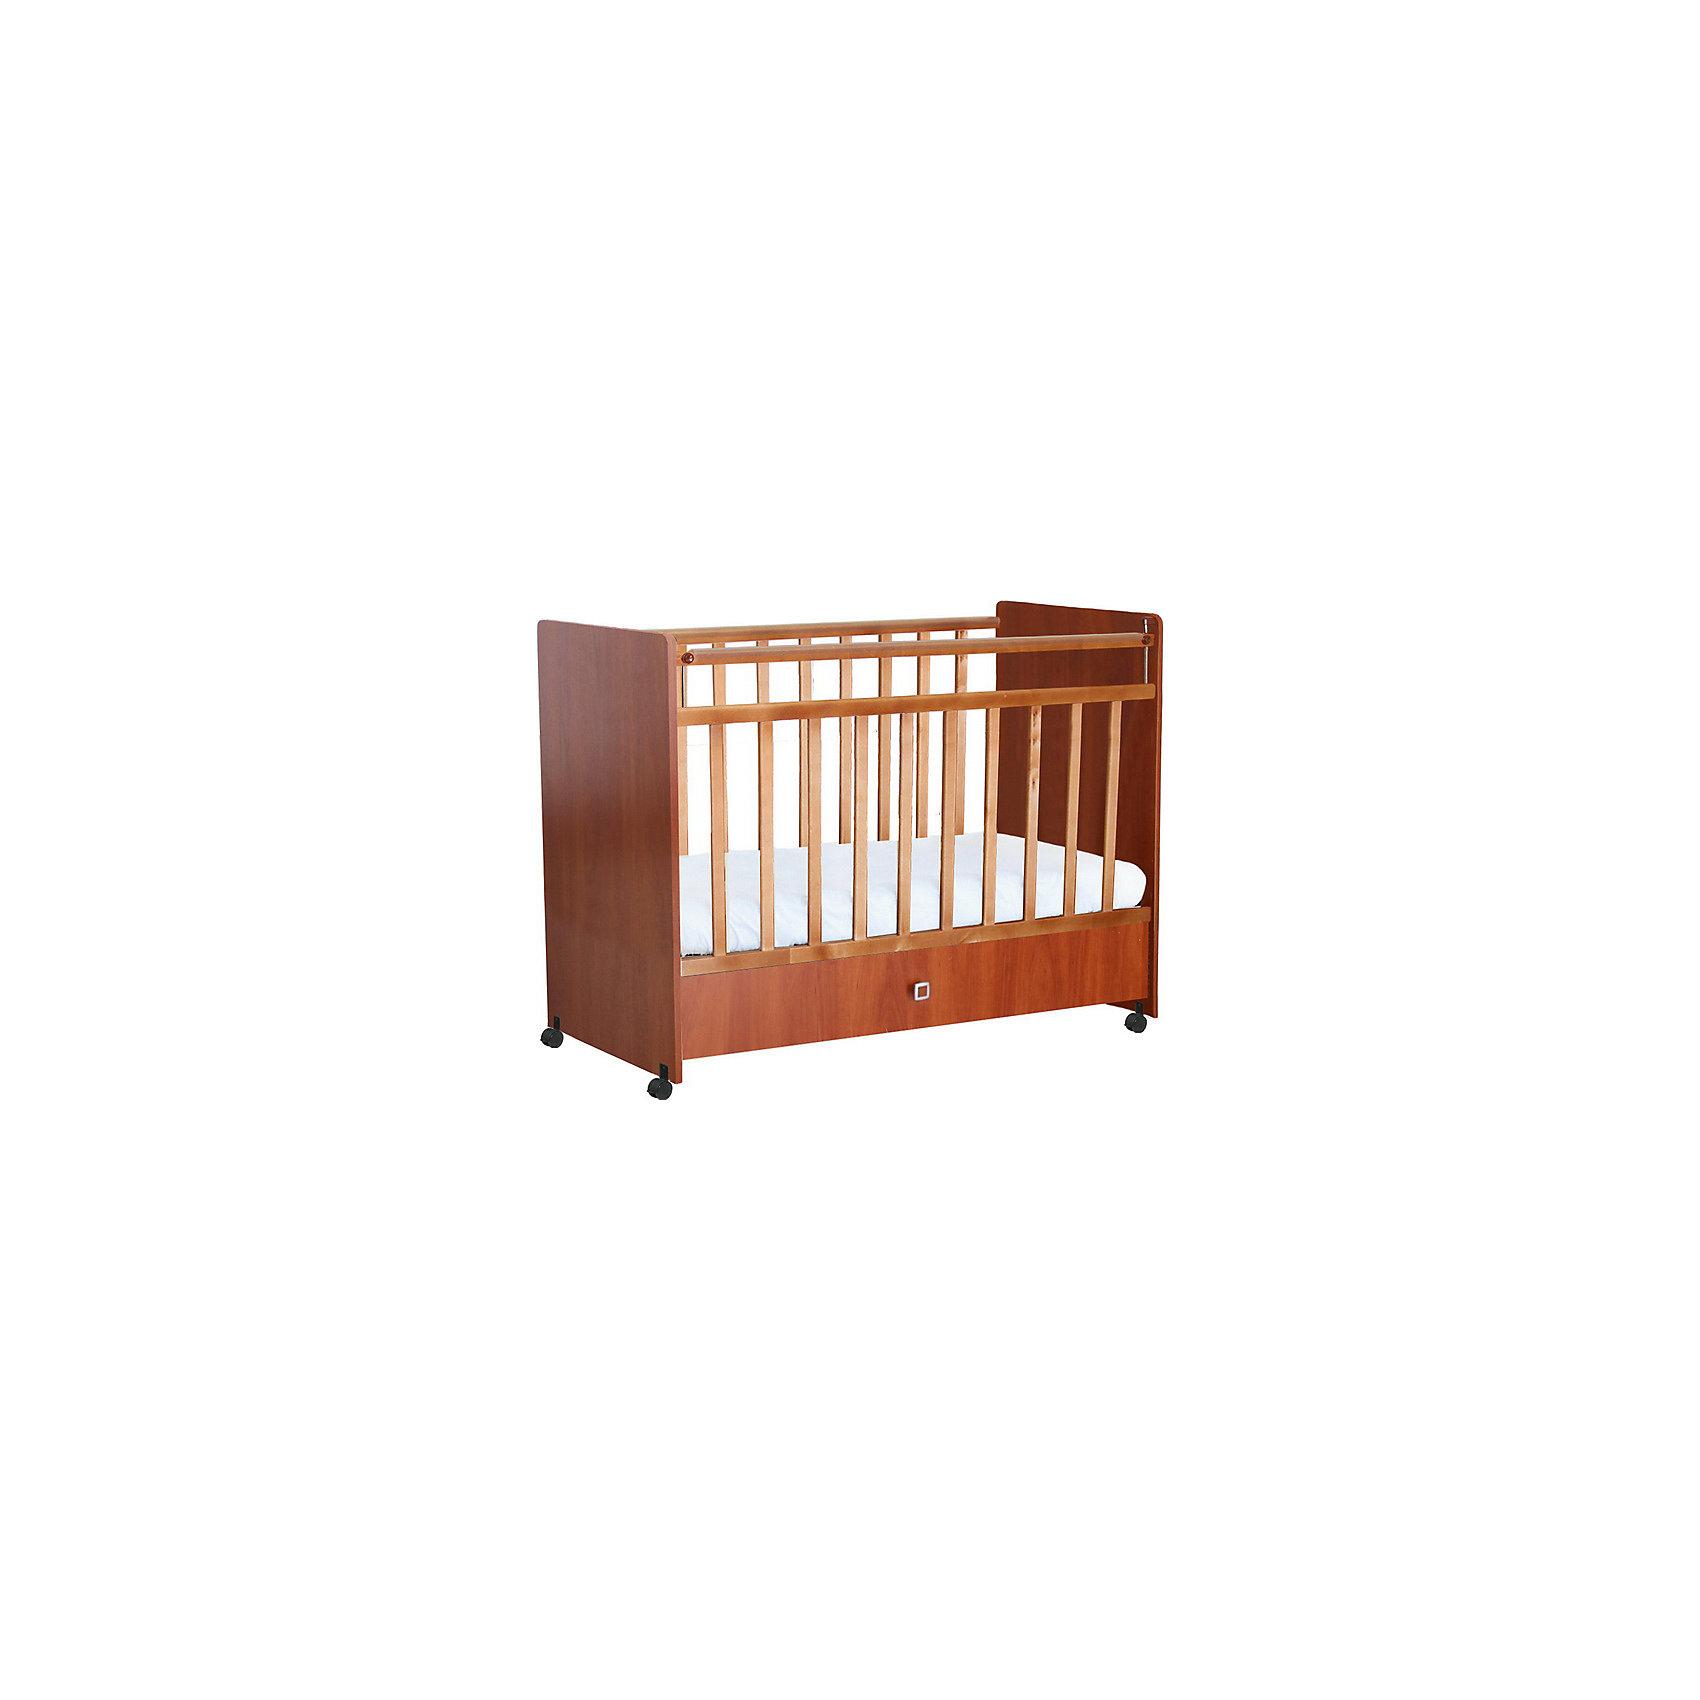 Кроватка 700, Фея, орехКроватки<br>Качественная детская мебель всегда отличается от взрослой, так как производится с учетом потребностей малышей. Данная кроватка обеспечит удобство и ребенку и маме - она имеет удобный механизм опускания передней планки и колесики, с помощью которых кроватку можно перемещать.<br>В этой модели также есть удобный ящик и накладки ПВХ. Кроватка сделана из качественного дерева, покрытого лаком. Цвет - приятный и универсальный, подойдет практически для любого интерьера. Все материалы тщательно подобраны специалистами и безопасны для детей.<br><br>Дополнительная информация:<br><br>цвет: орех;<br>материал: дерево, лак;<br>передняя планка удобно опускается;<br>выдвижной ящик;<br>ложе имеет 2 положения;<br>колёсики;<br>накладки ПВХ;<br>ортопедической основание;<br>размер:  99,8 х 123,2 х 63,8 см ;<br>ложе: 60 на 120 см;<br>вес: 34,1 кг.<br><br>Кроватку 700 торговой марки Фея можно купить в нашем магазине.<br><br>Ширина мм: 998<br>Глубина мм: 1232<br>Высота мм: 638<br>Вес г: 24700<br>Возраст от месяцев: 0<br>Возраст до месяцев: 36<br>Пол: Унисекс<br>Возраст: Детский<br>SKU: 4873652